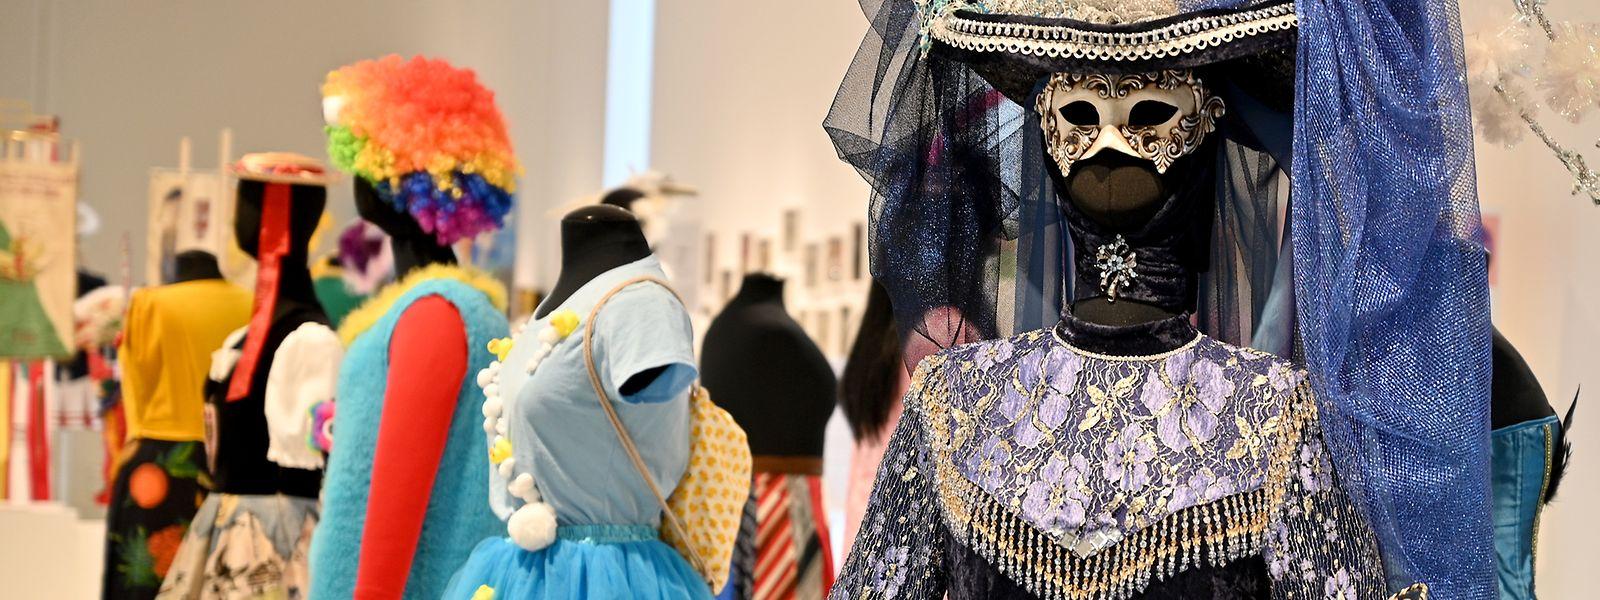 Zahlreiche Karnevalskostüme sind in der aktuellen Ausstellung im Stadtmuseum Simeonstift zu sehen.